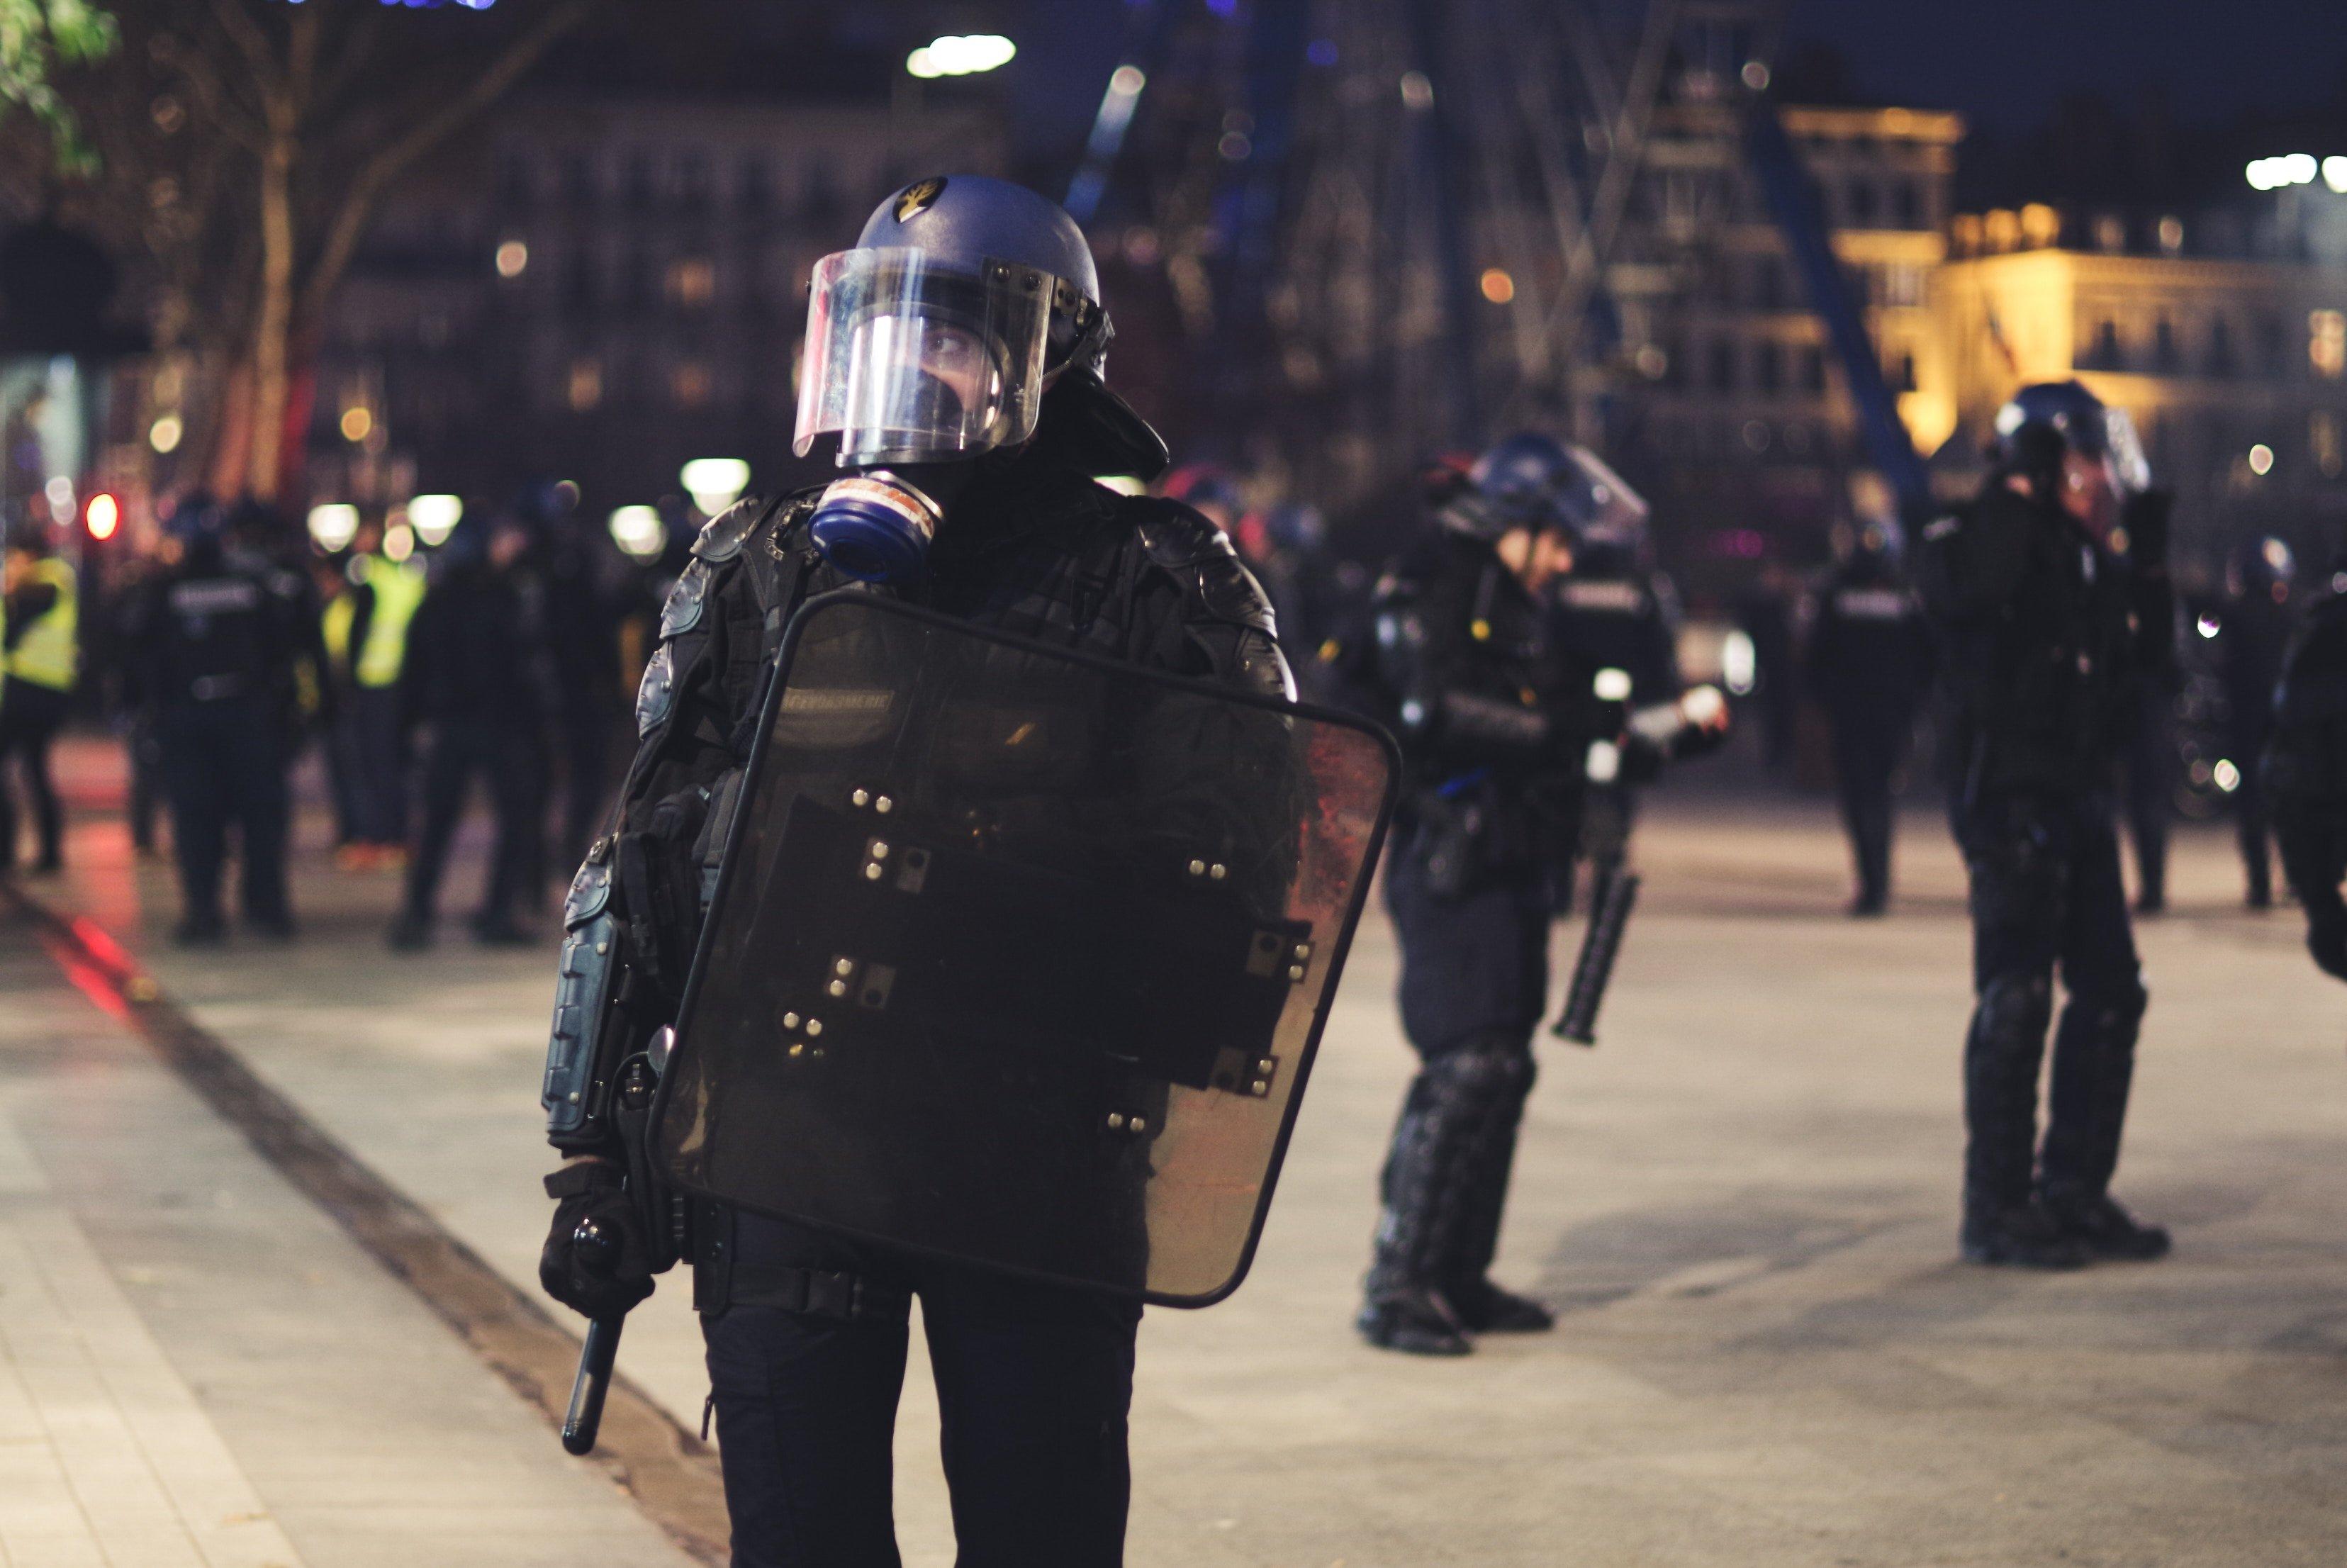 """ev 1229439 unsplash.jpg?resize=412,232 - L'ONU demande une enquête à la France pour """"usage excessif de la force"""" envers les gilets jaunes!"""